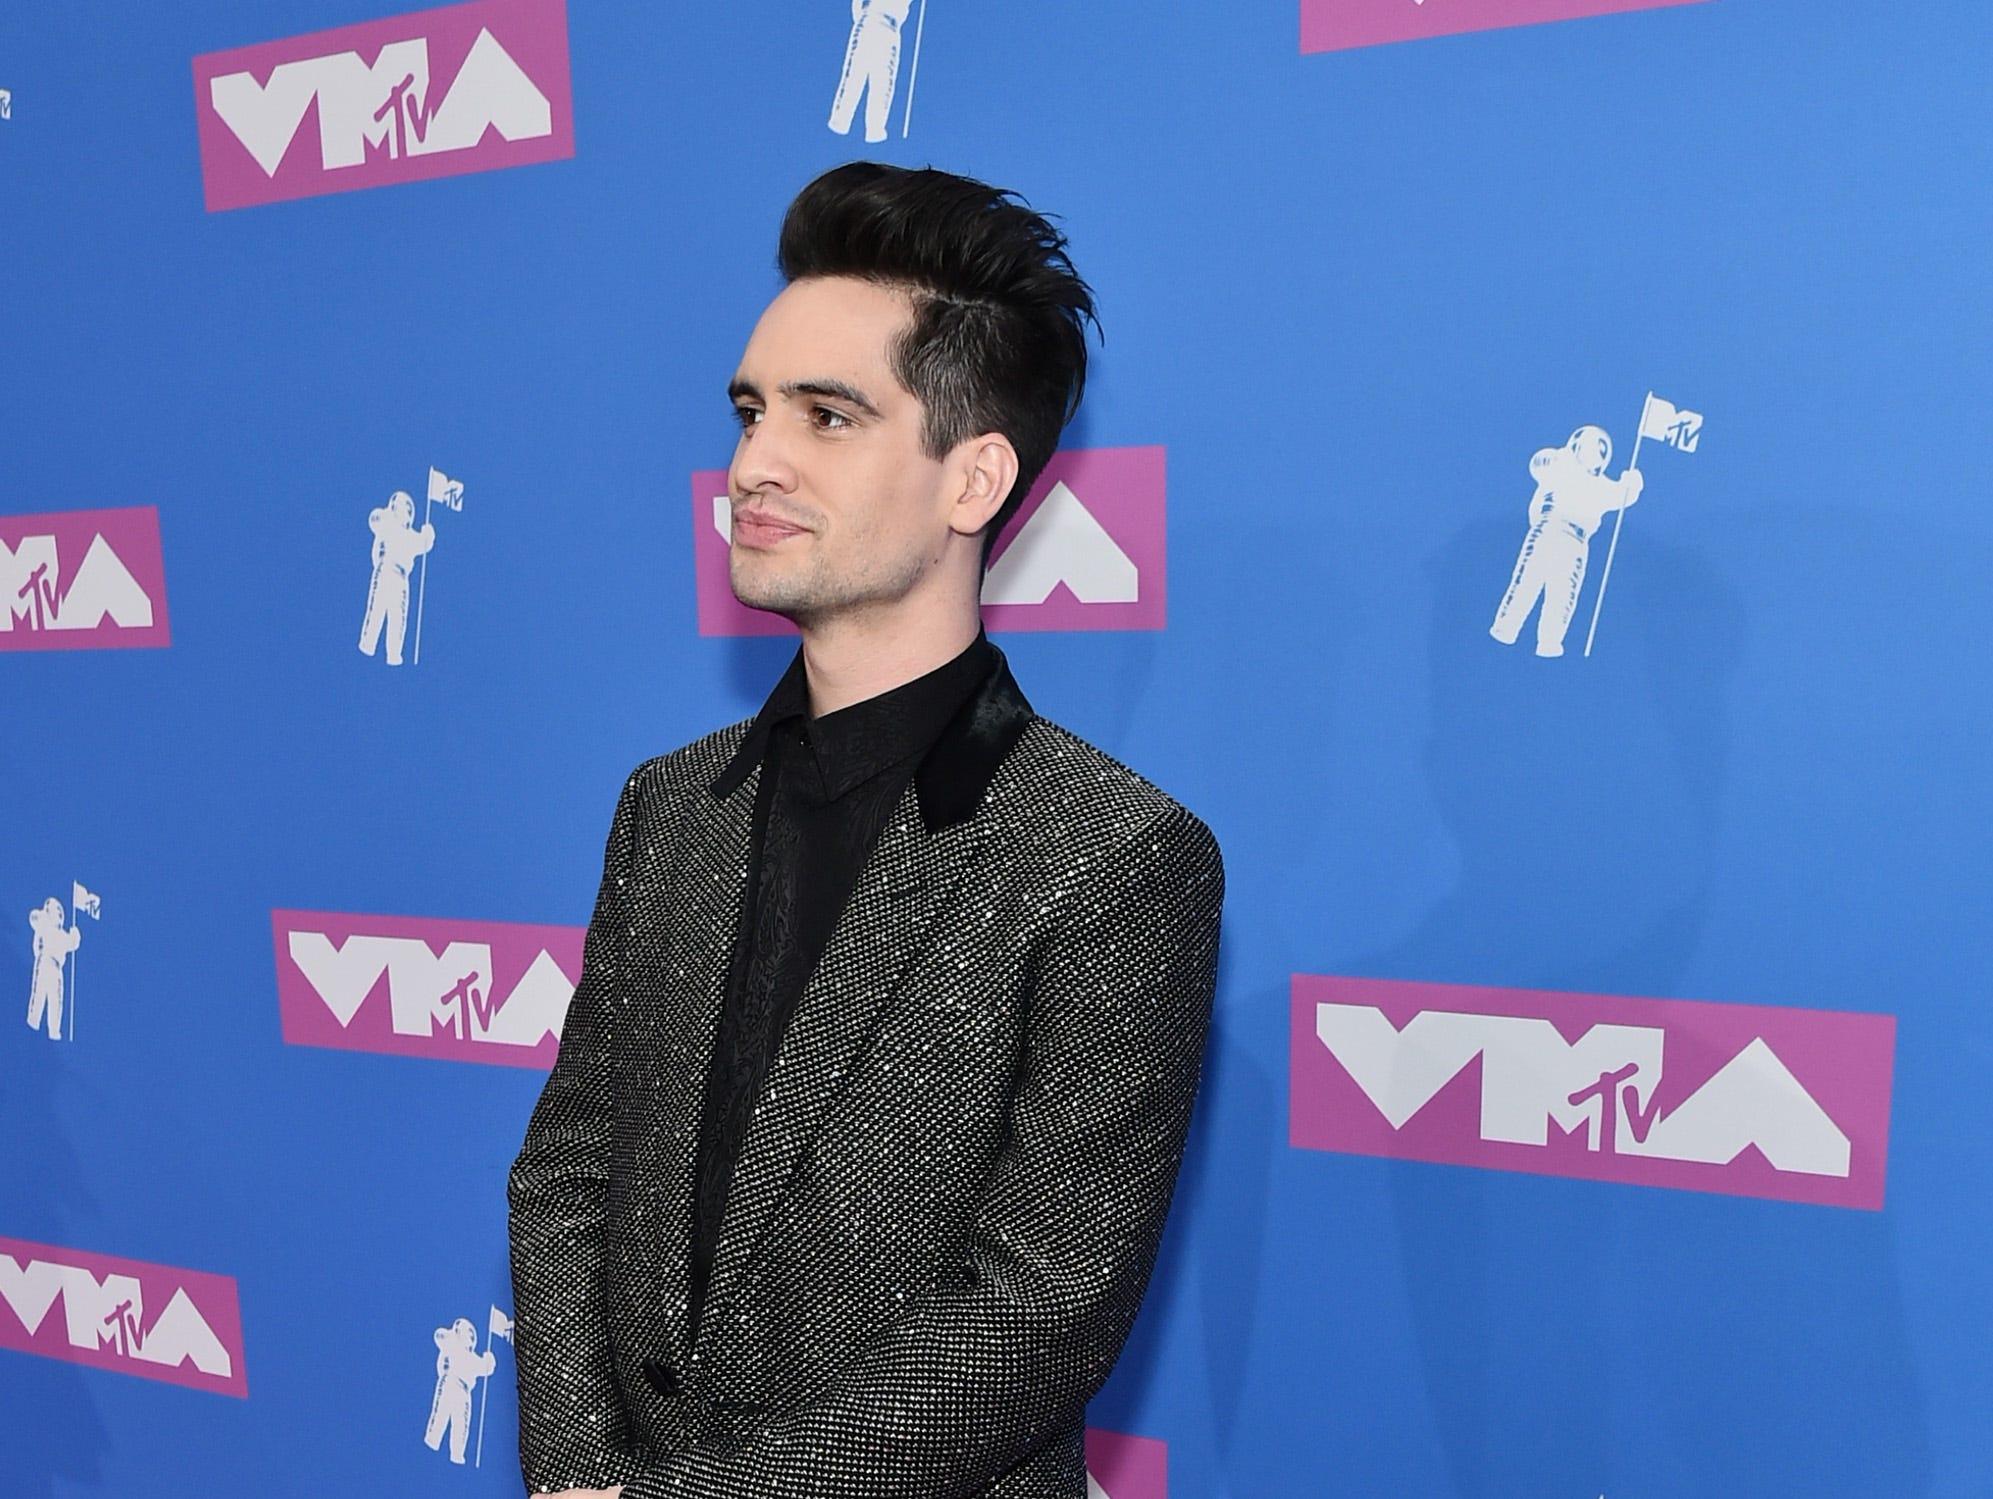 Brendon Urie asiste a los MTV Video Music Awards 2018 en el Radio City Music Hall el 20 de agosto de 2018 en la ciudad de Nueva York.